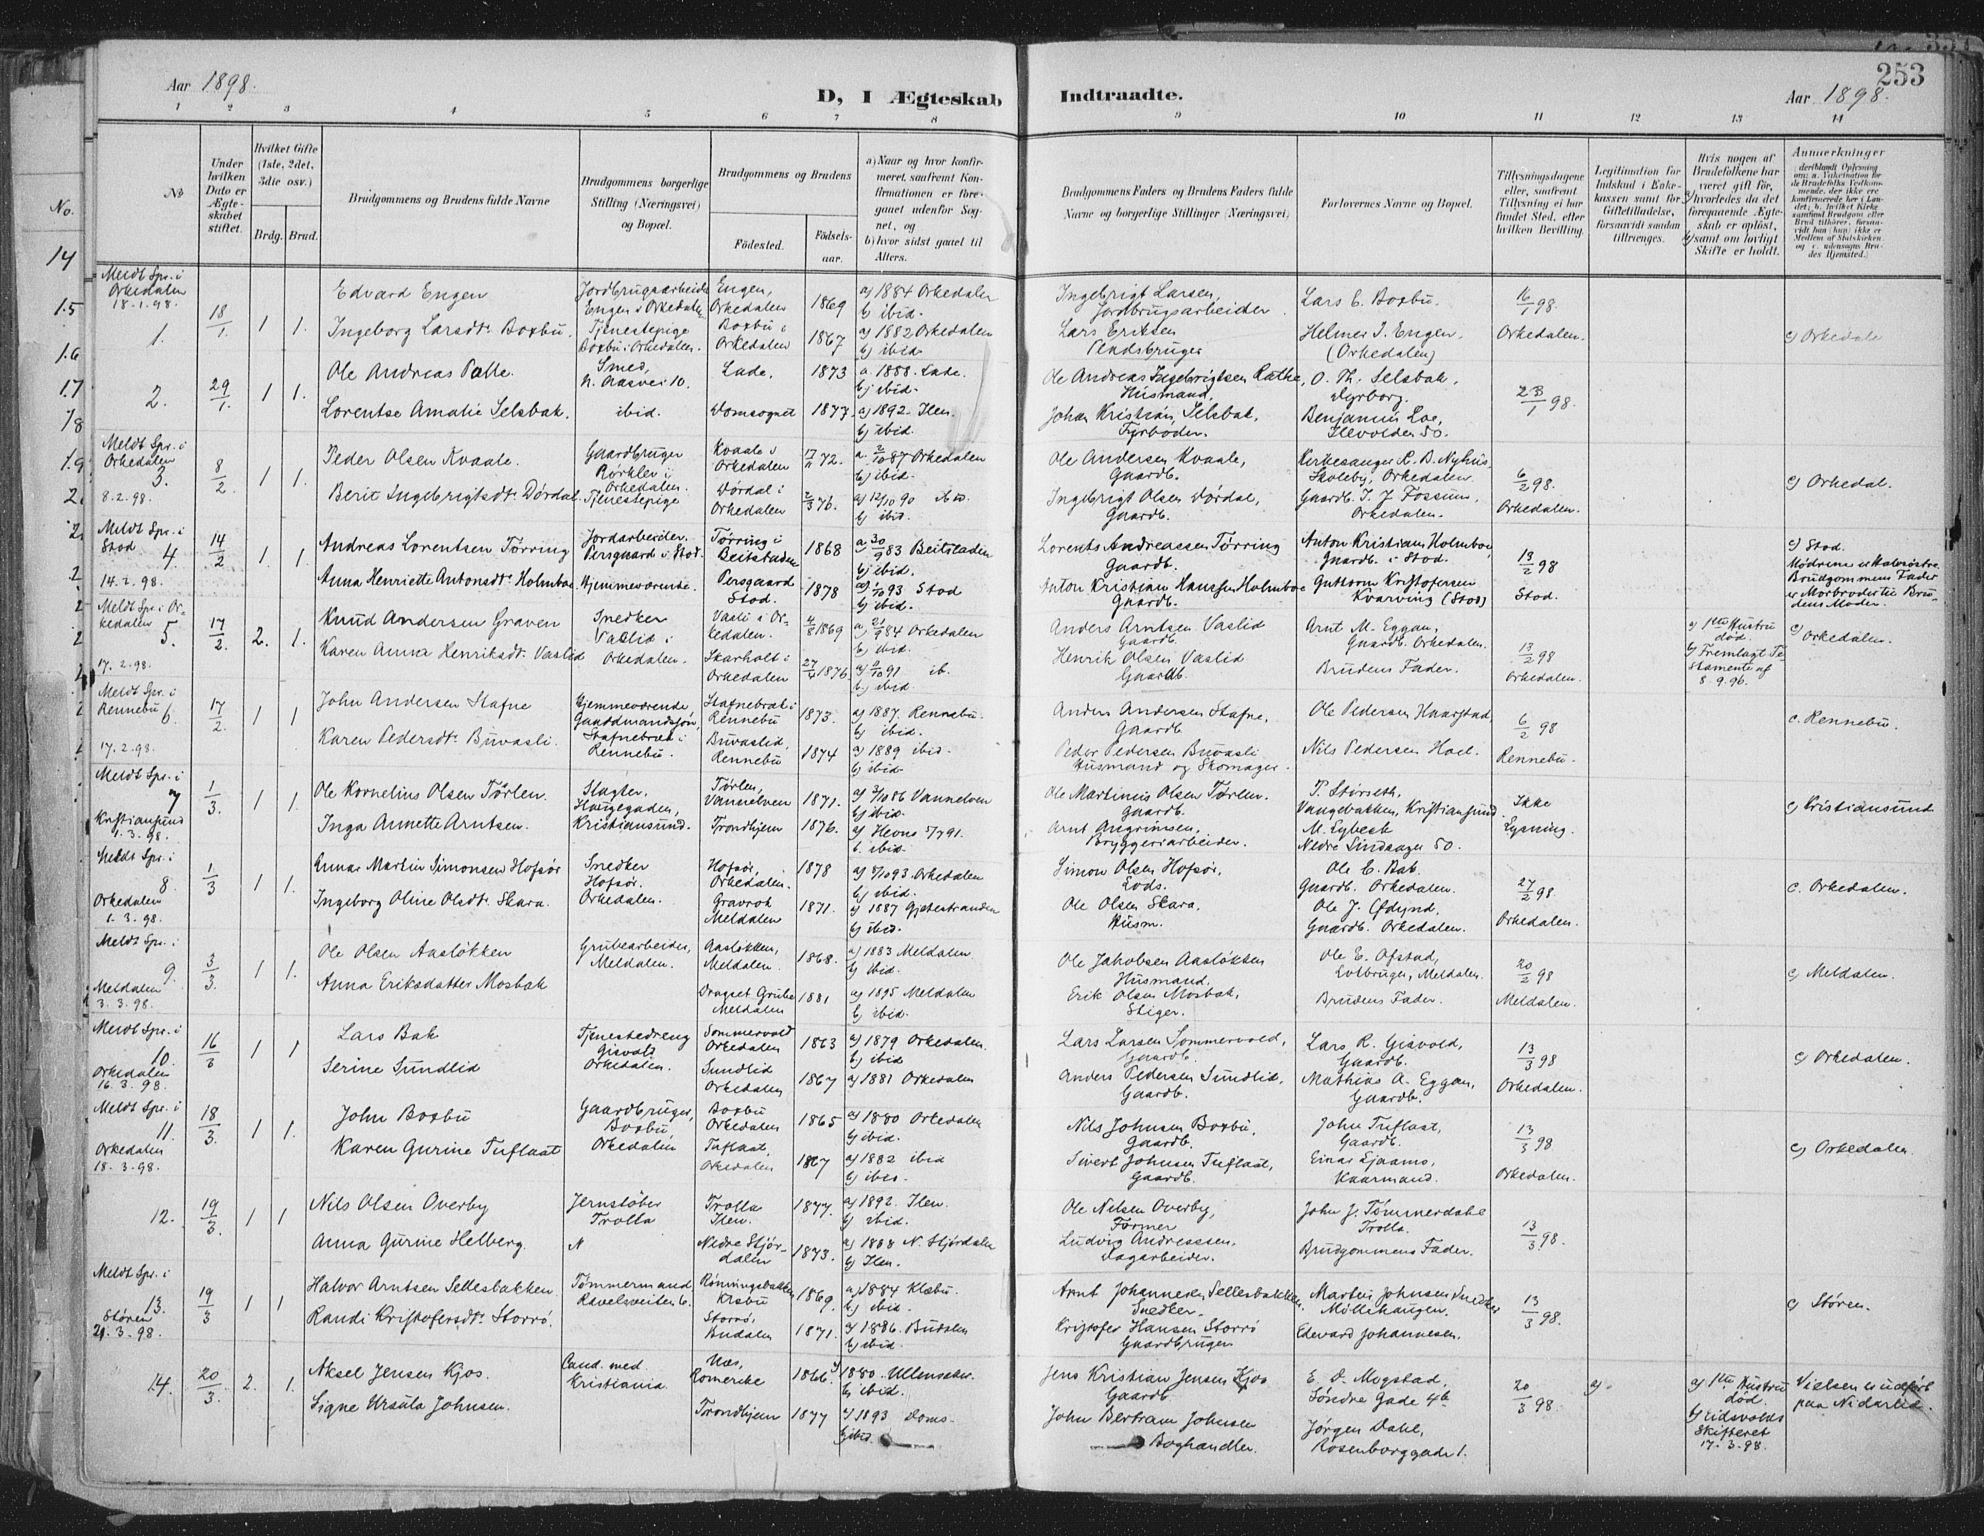 SAT, Ministerialprotokoller, klokkerbøker og fødselsregistre - Sør-Trøndelag, 603/L0167: Ministerialbok nr. 603A06, 1896-1932, s. 253